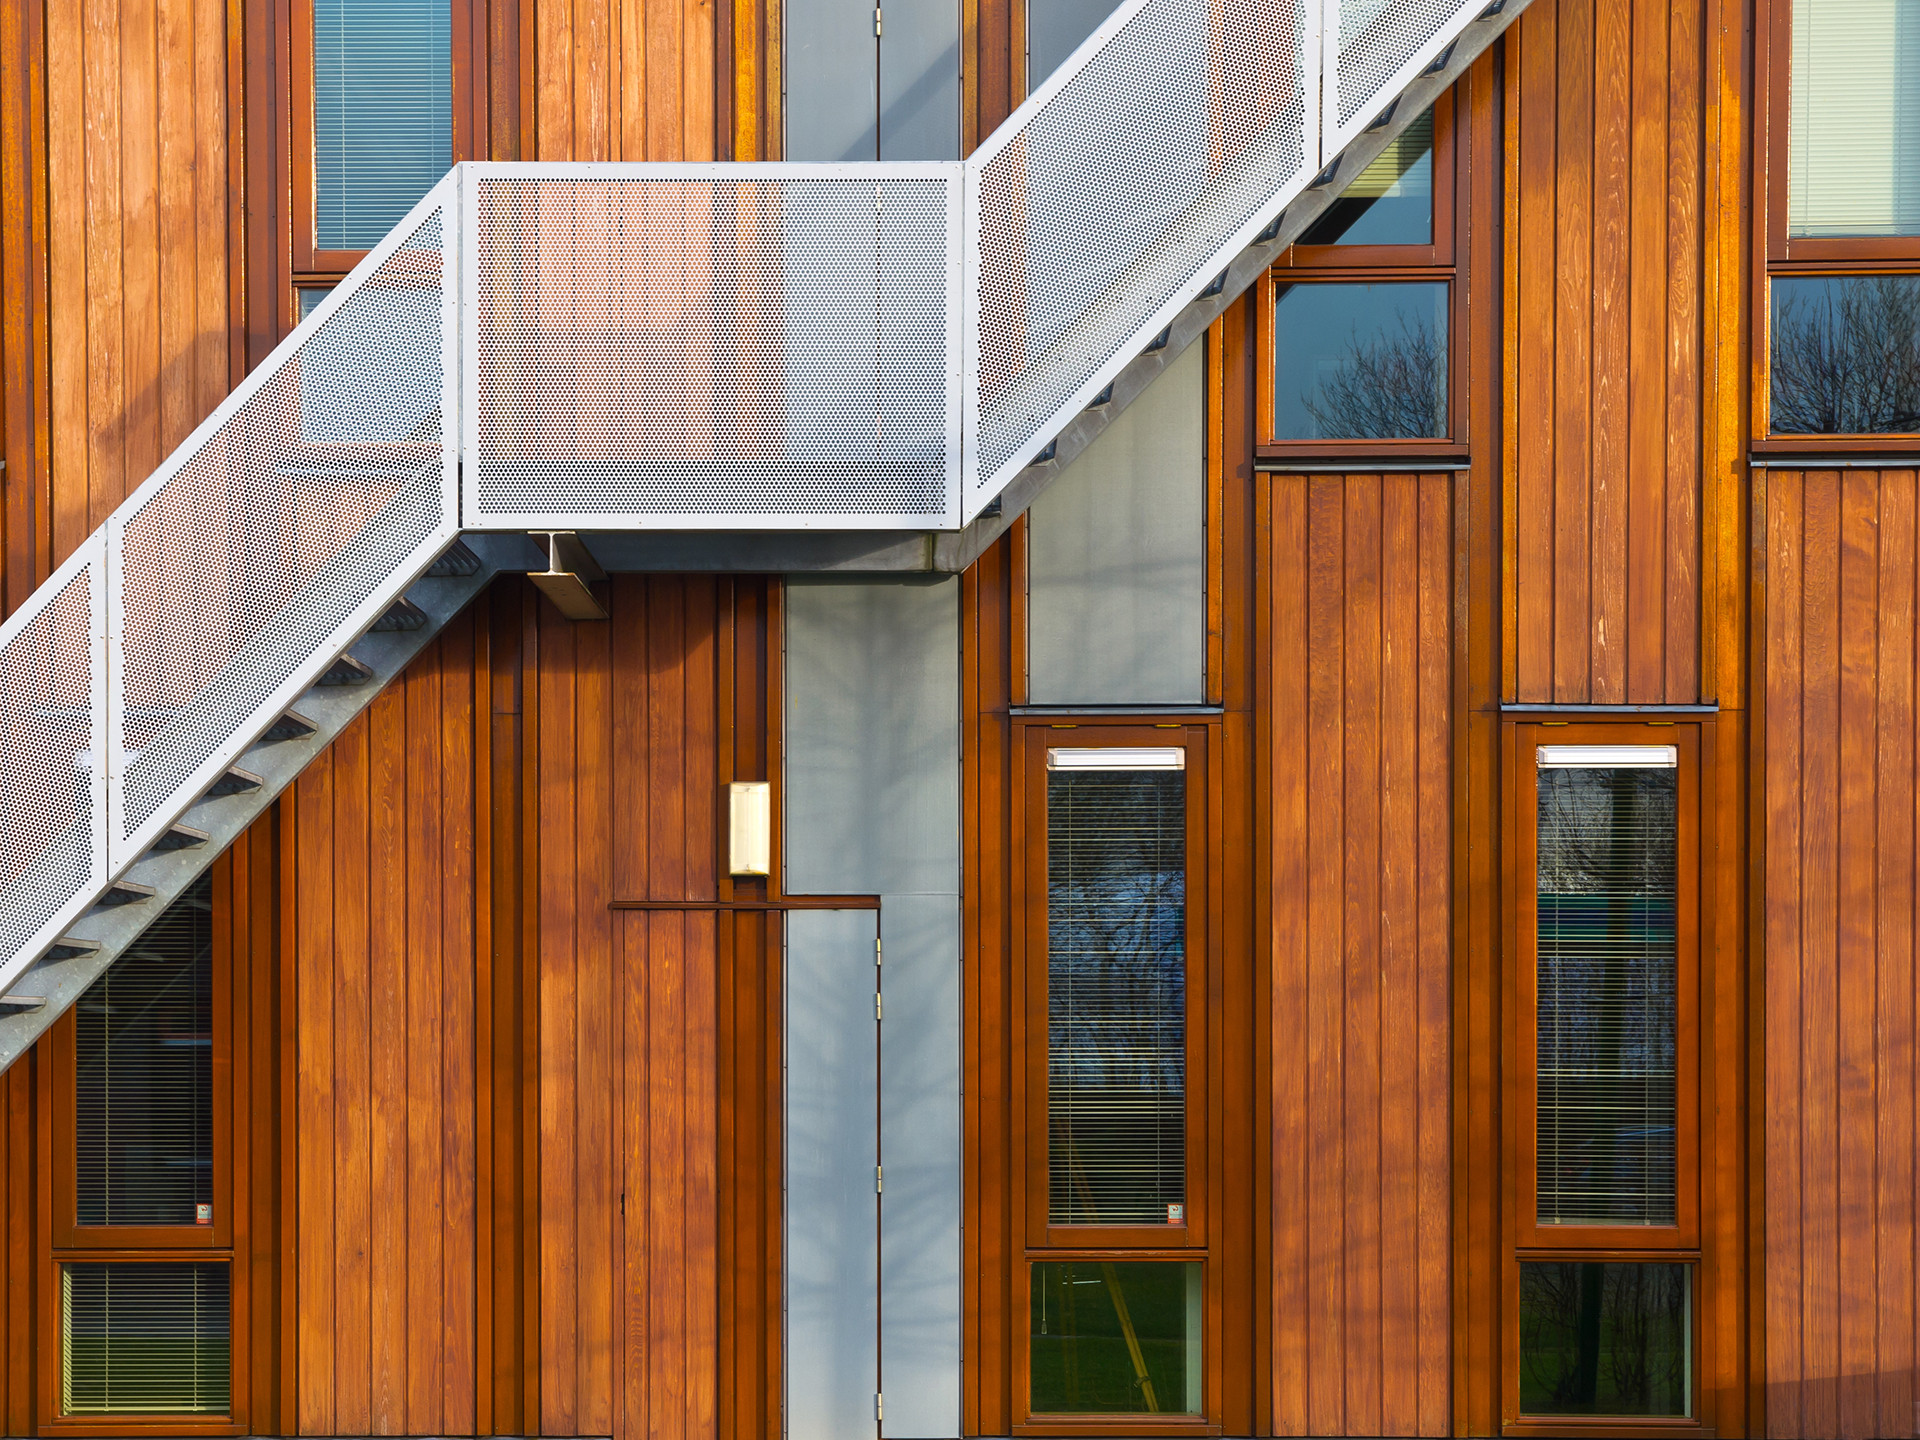 Rensning af facade